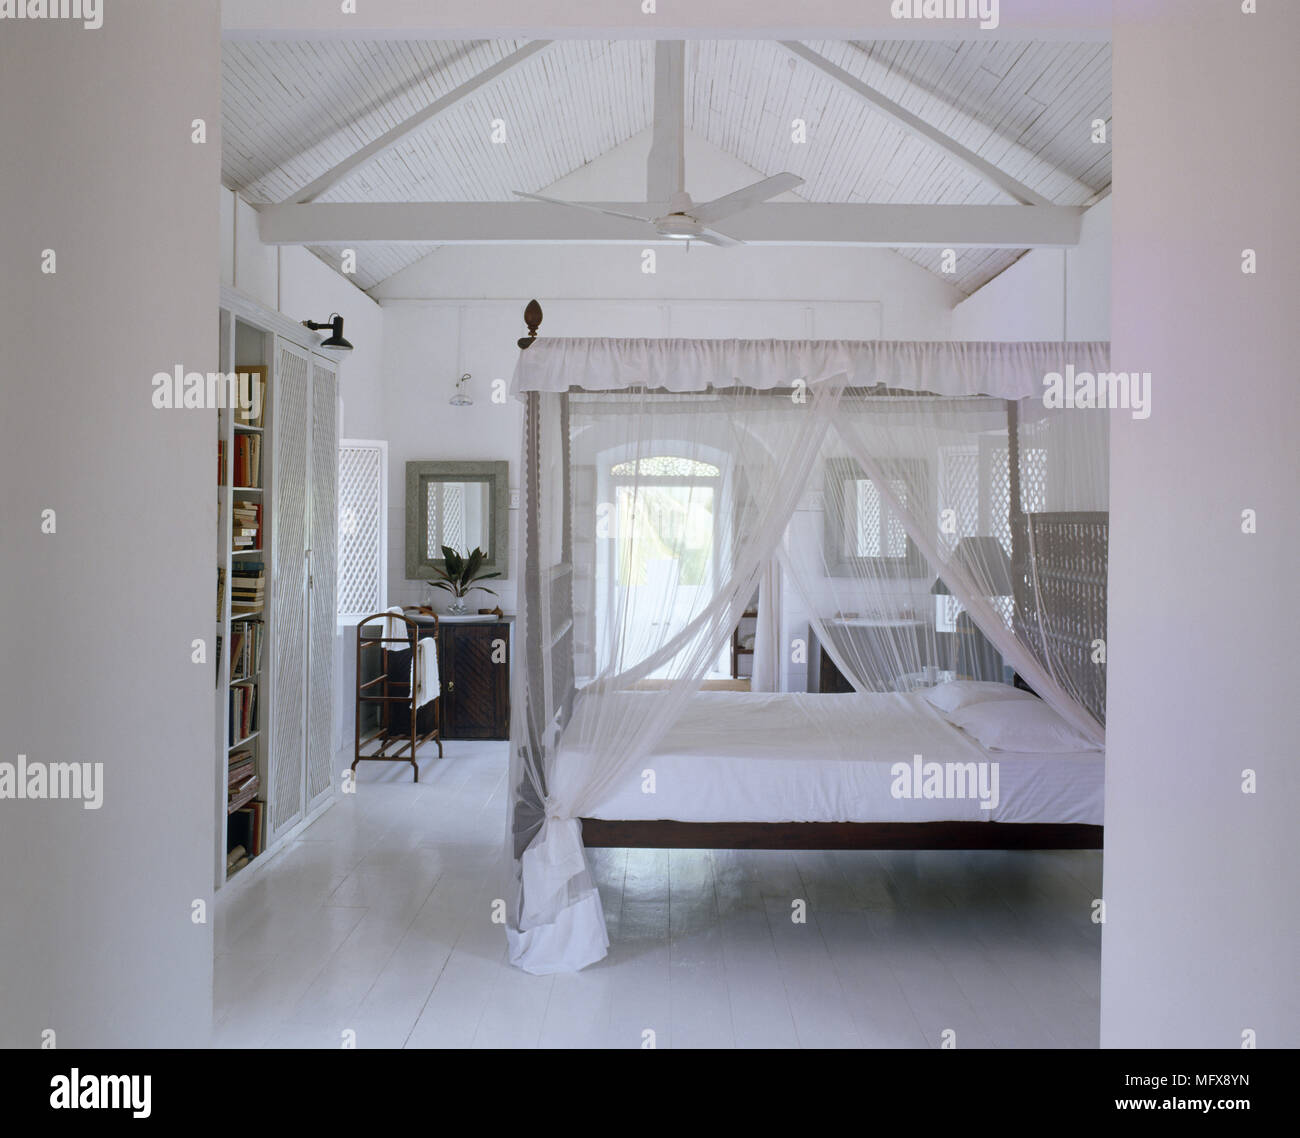 Himmelbett mit Baldachin in Weiß Landhausstil Schlafzimmer ...